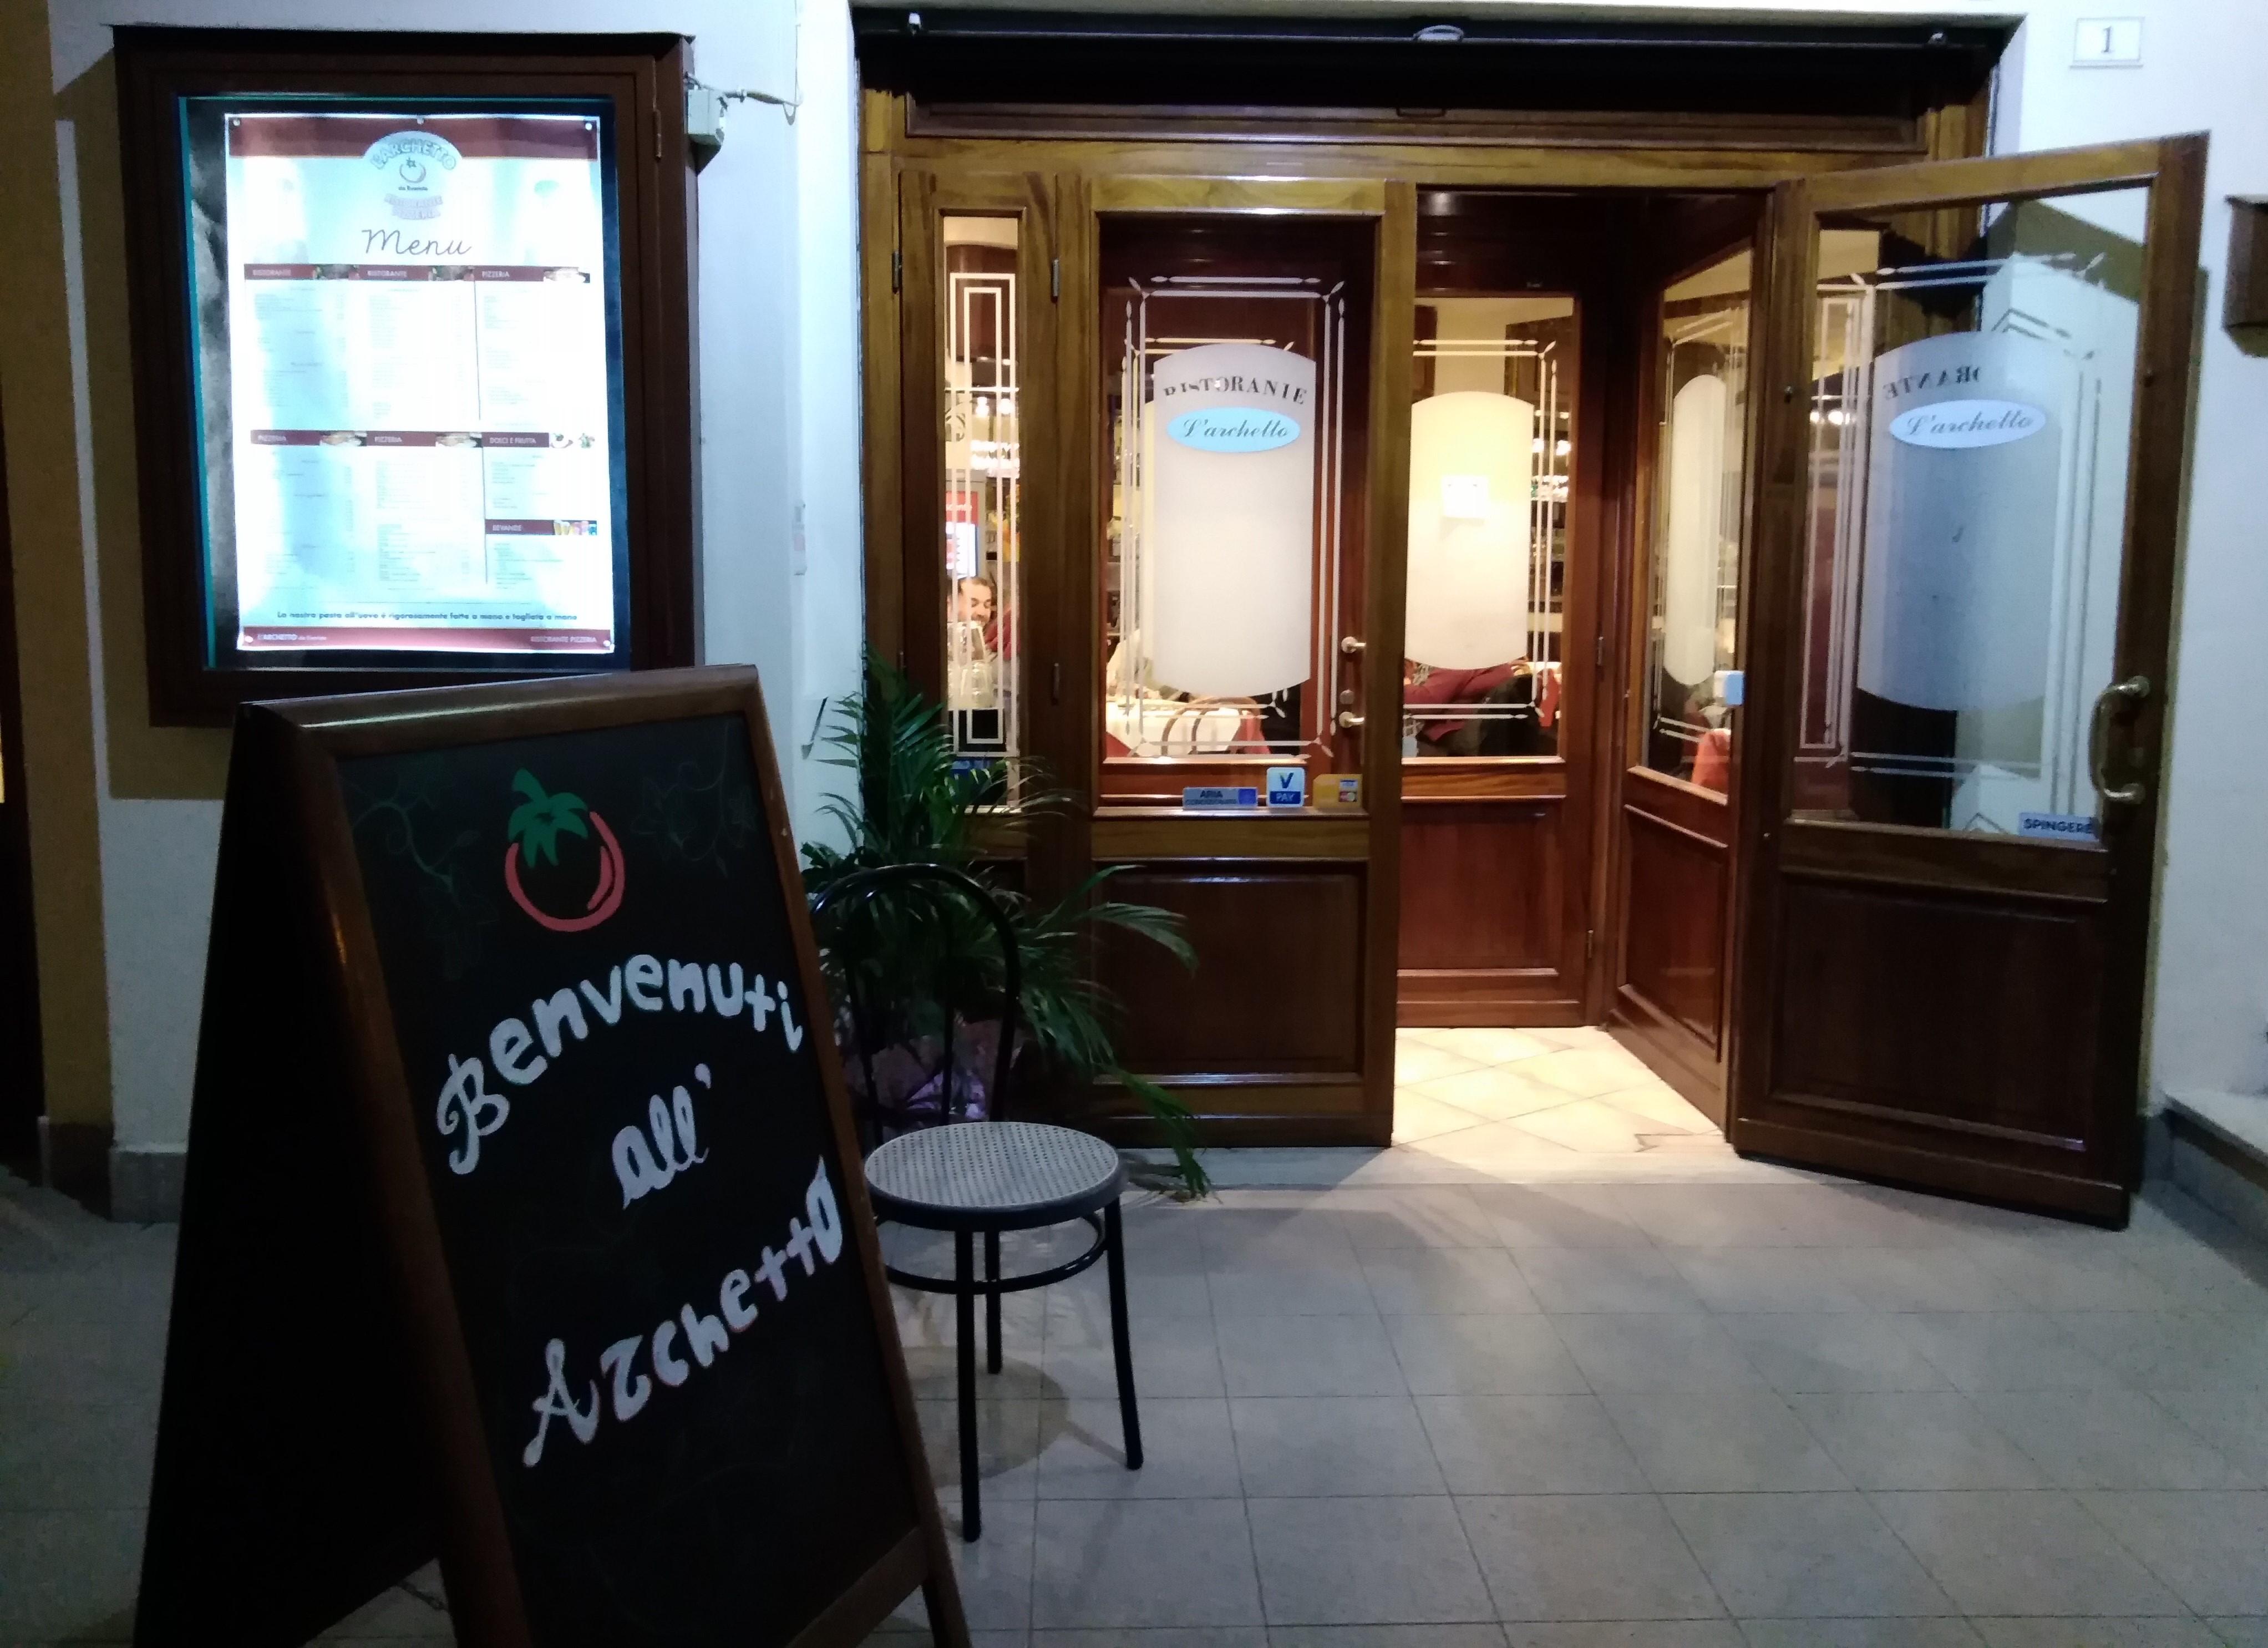 A Bracciano cucina di qualità al ristorante L'Archetto. Cortesia e professionalità al locale di Evaristo Scuderoni